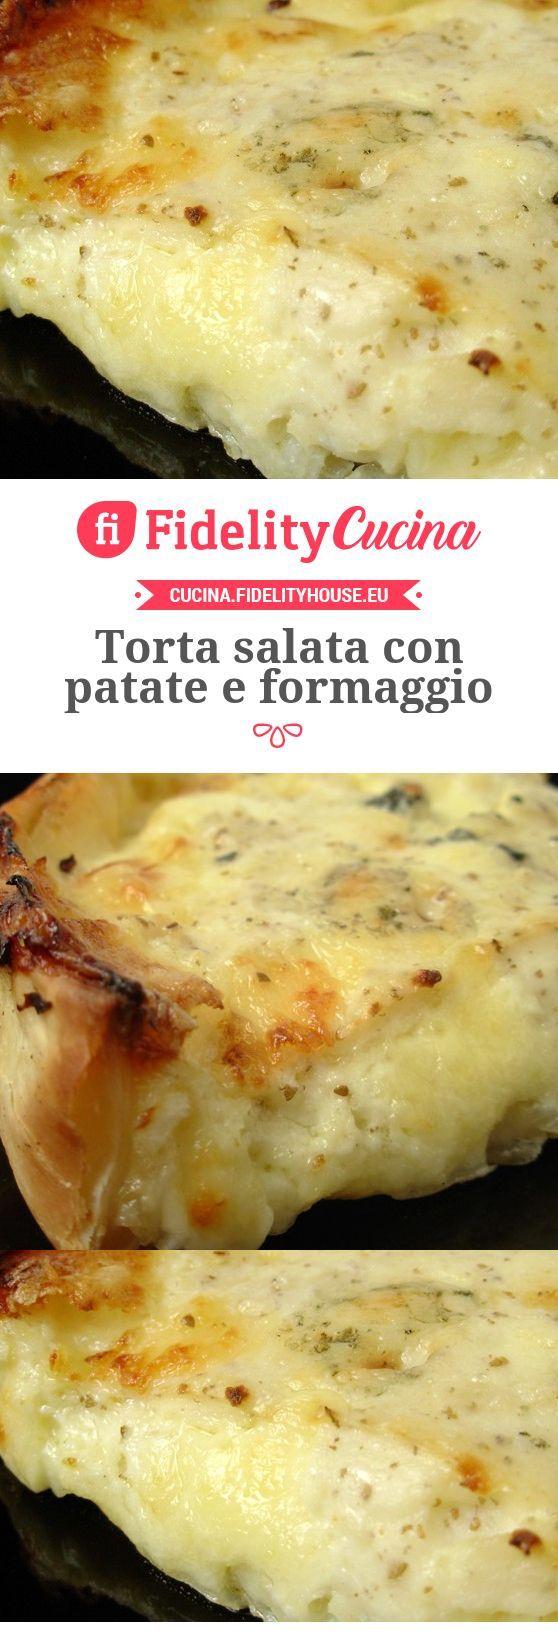 Torta salata con patate e formaggio